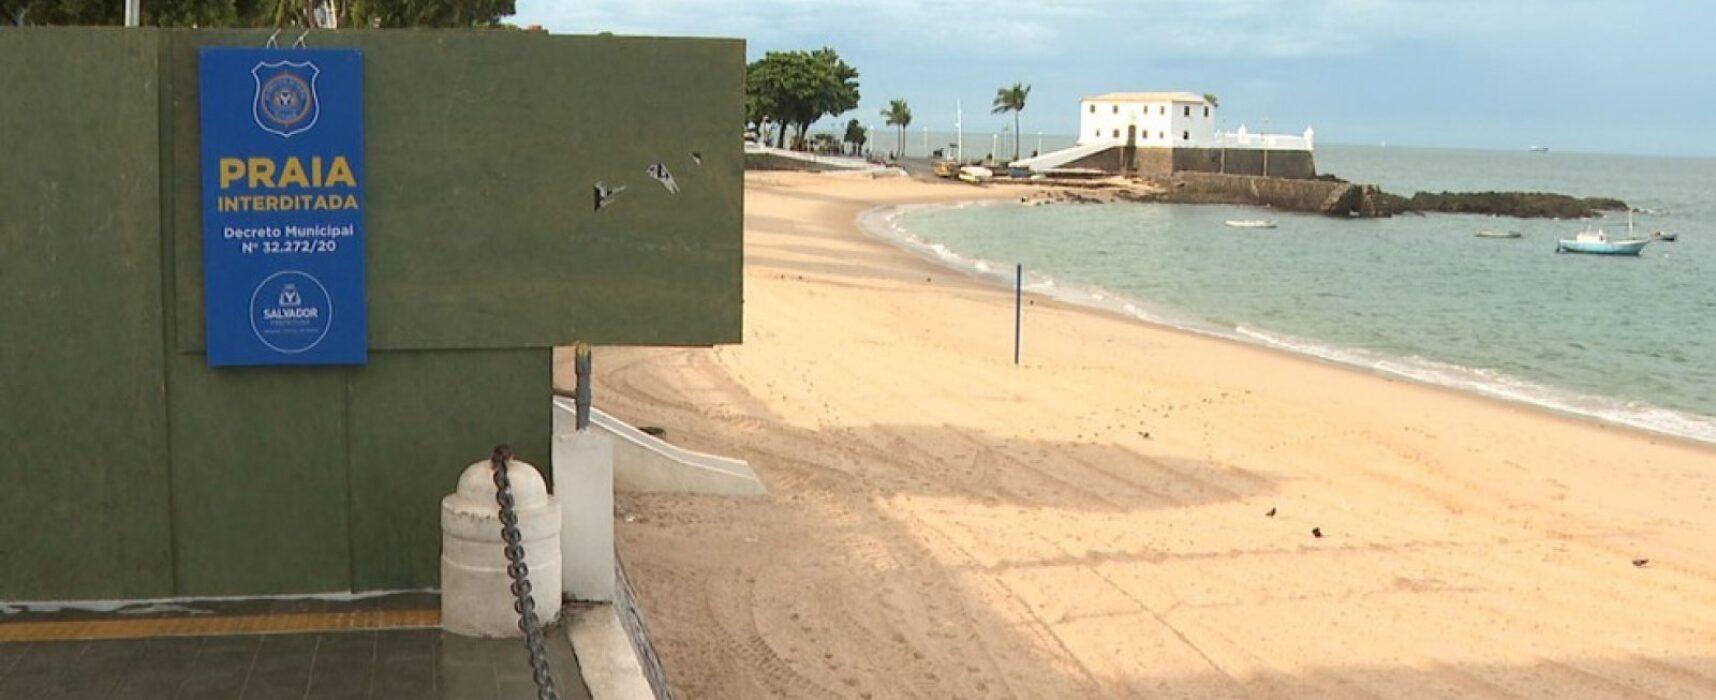 Praias seguem fechadas em Salvador por mais uma semana